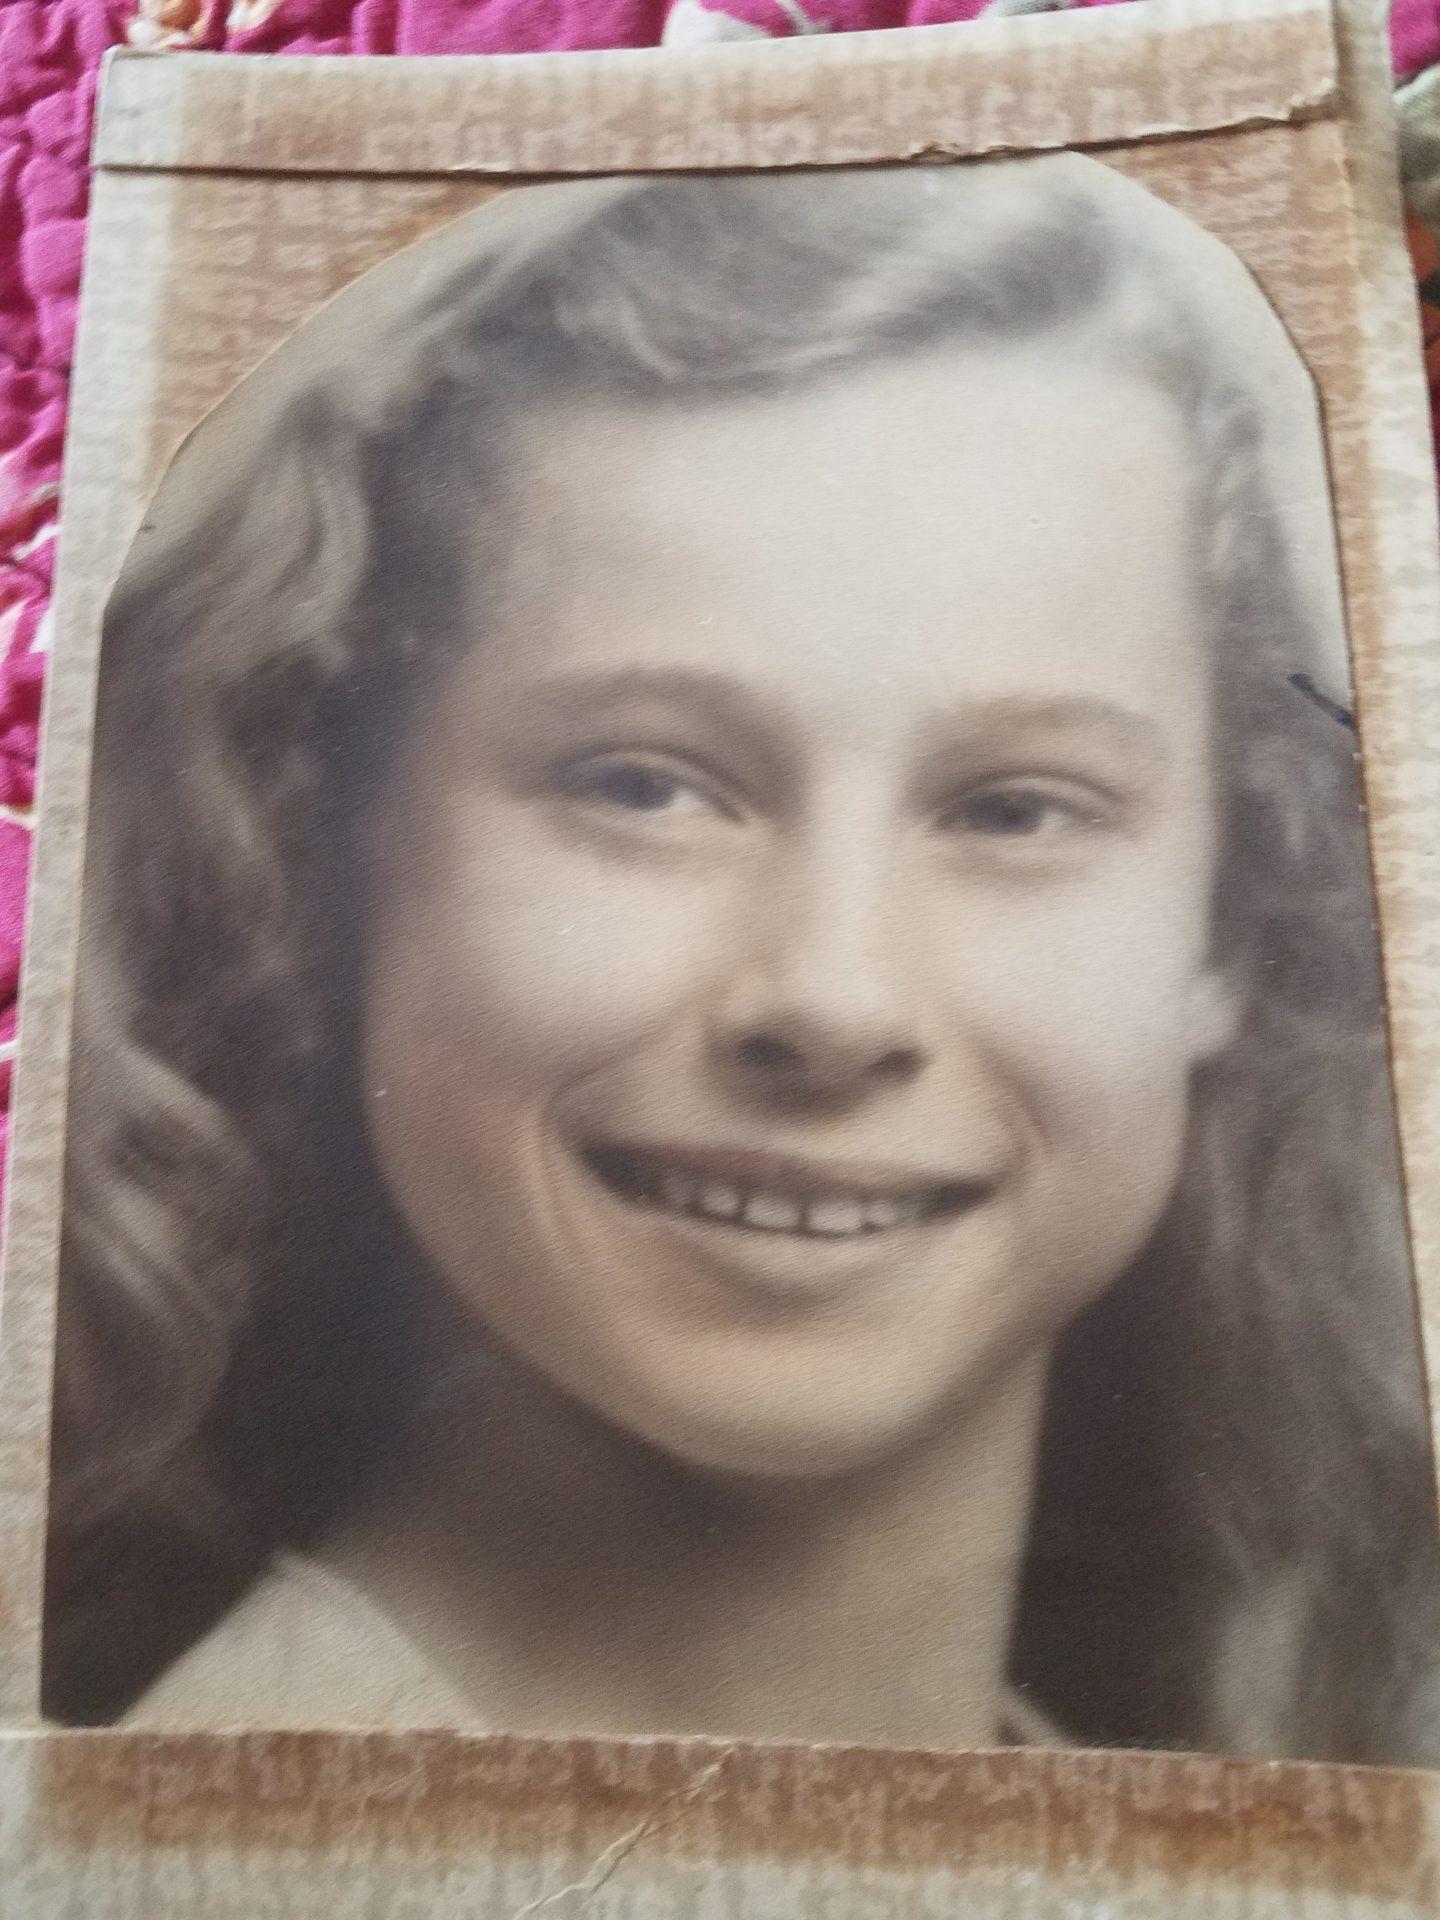 Barbara at 13 years old